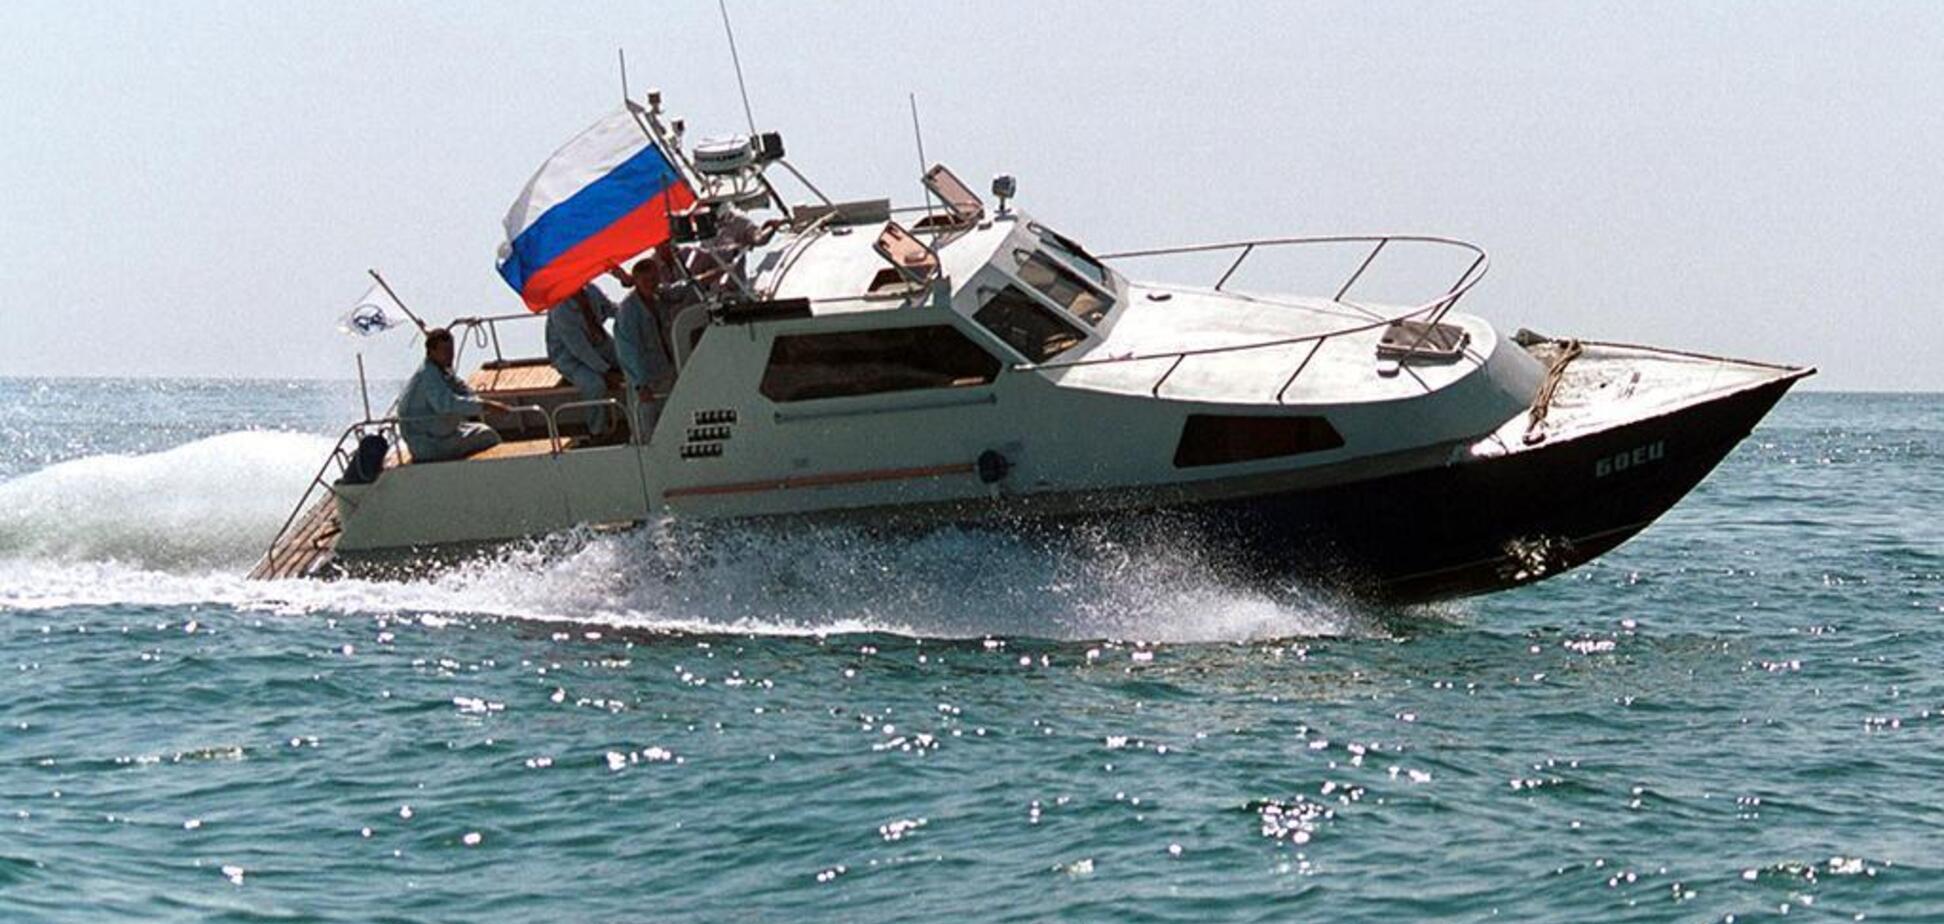 Агресія Росії в Азовському морі: як приборкати нахабство сусіда